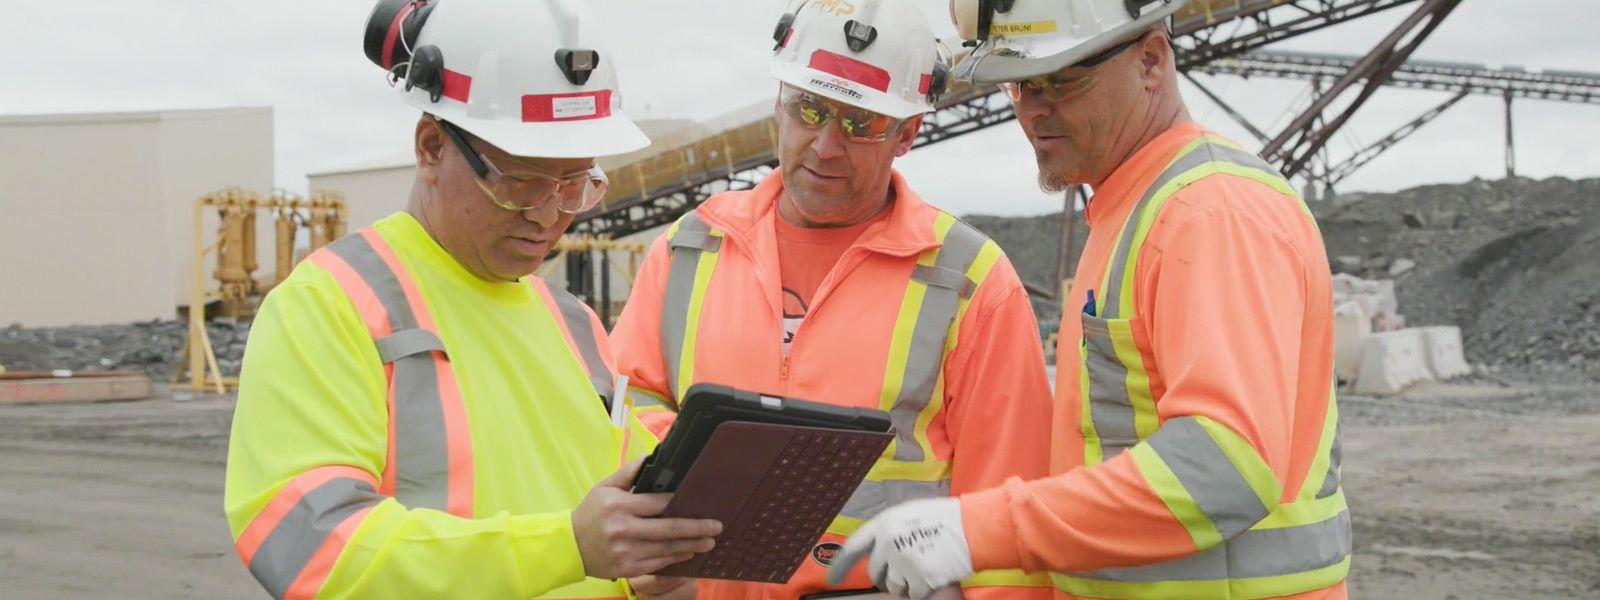 3 名の建設労働者が現場で Surface Go を閲覧中